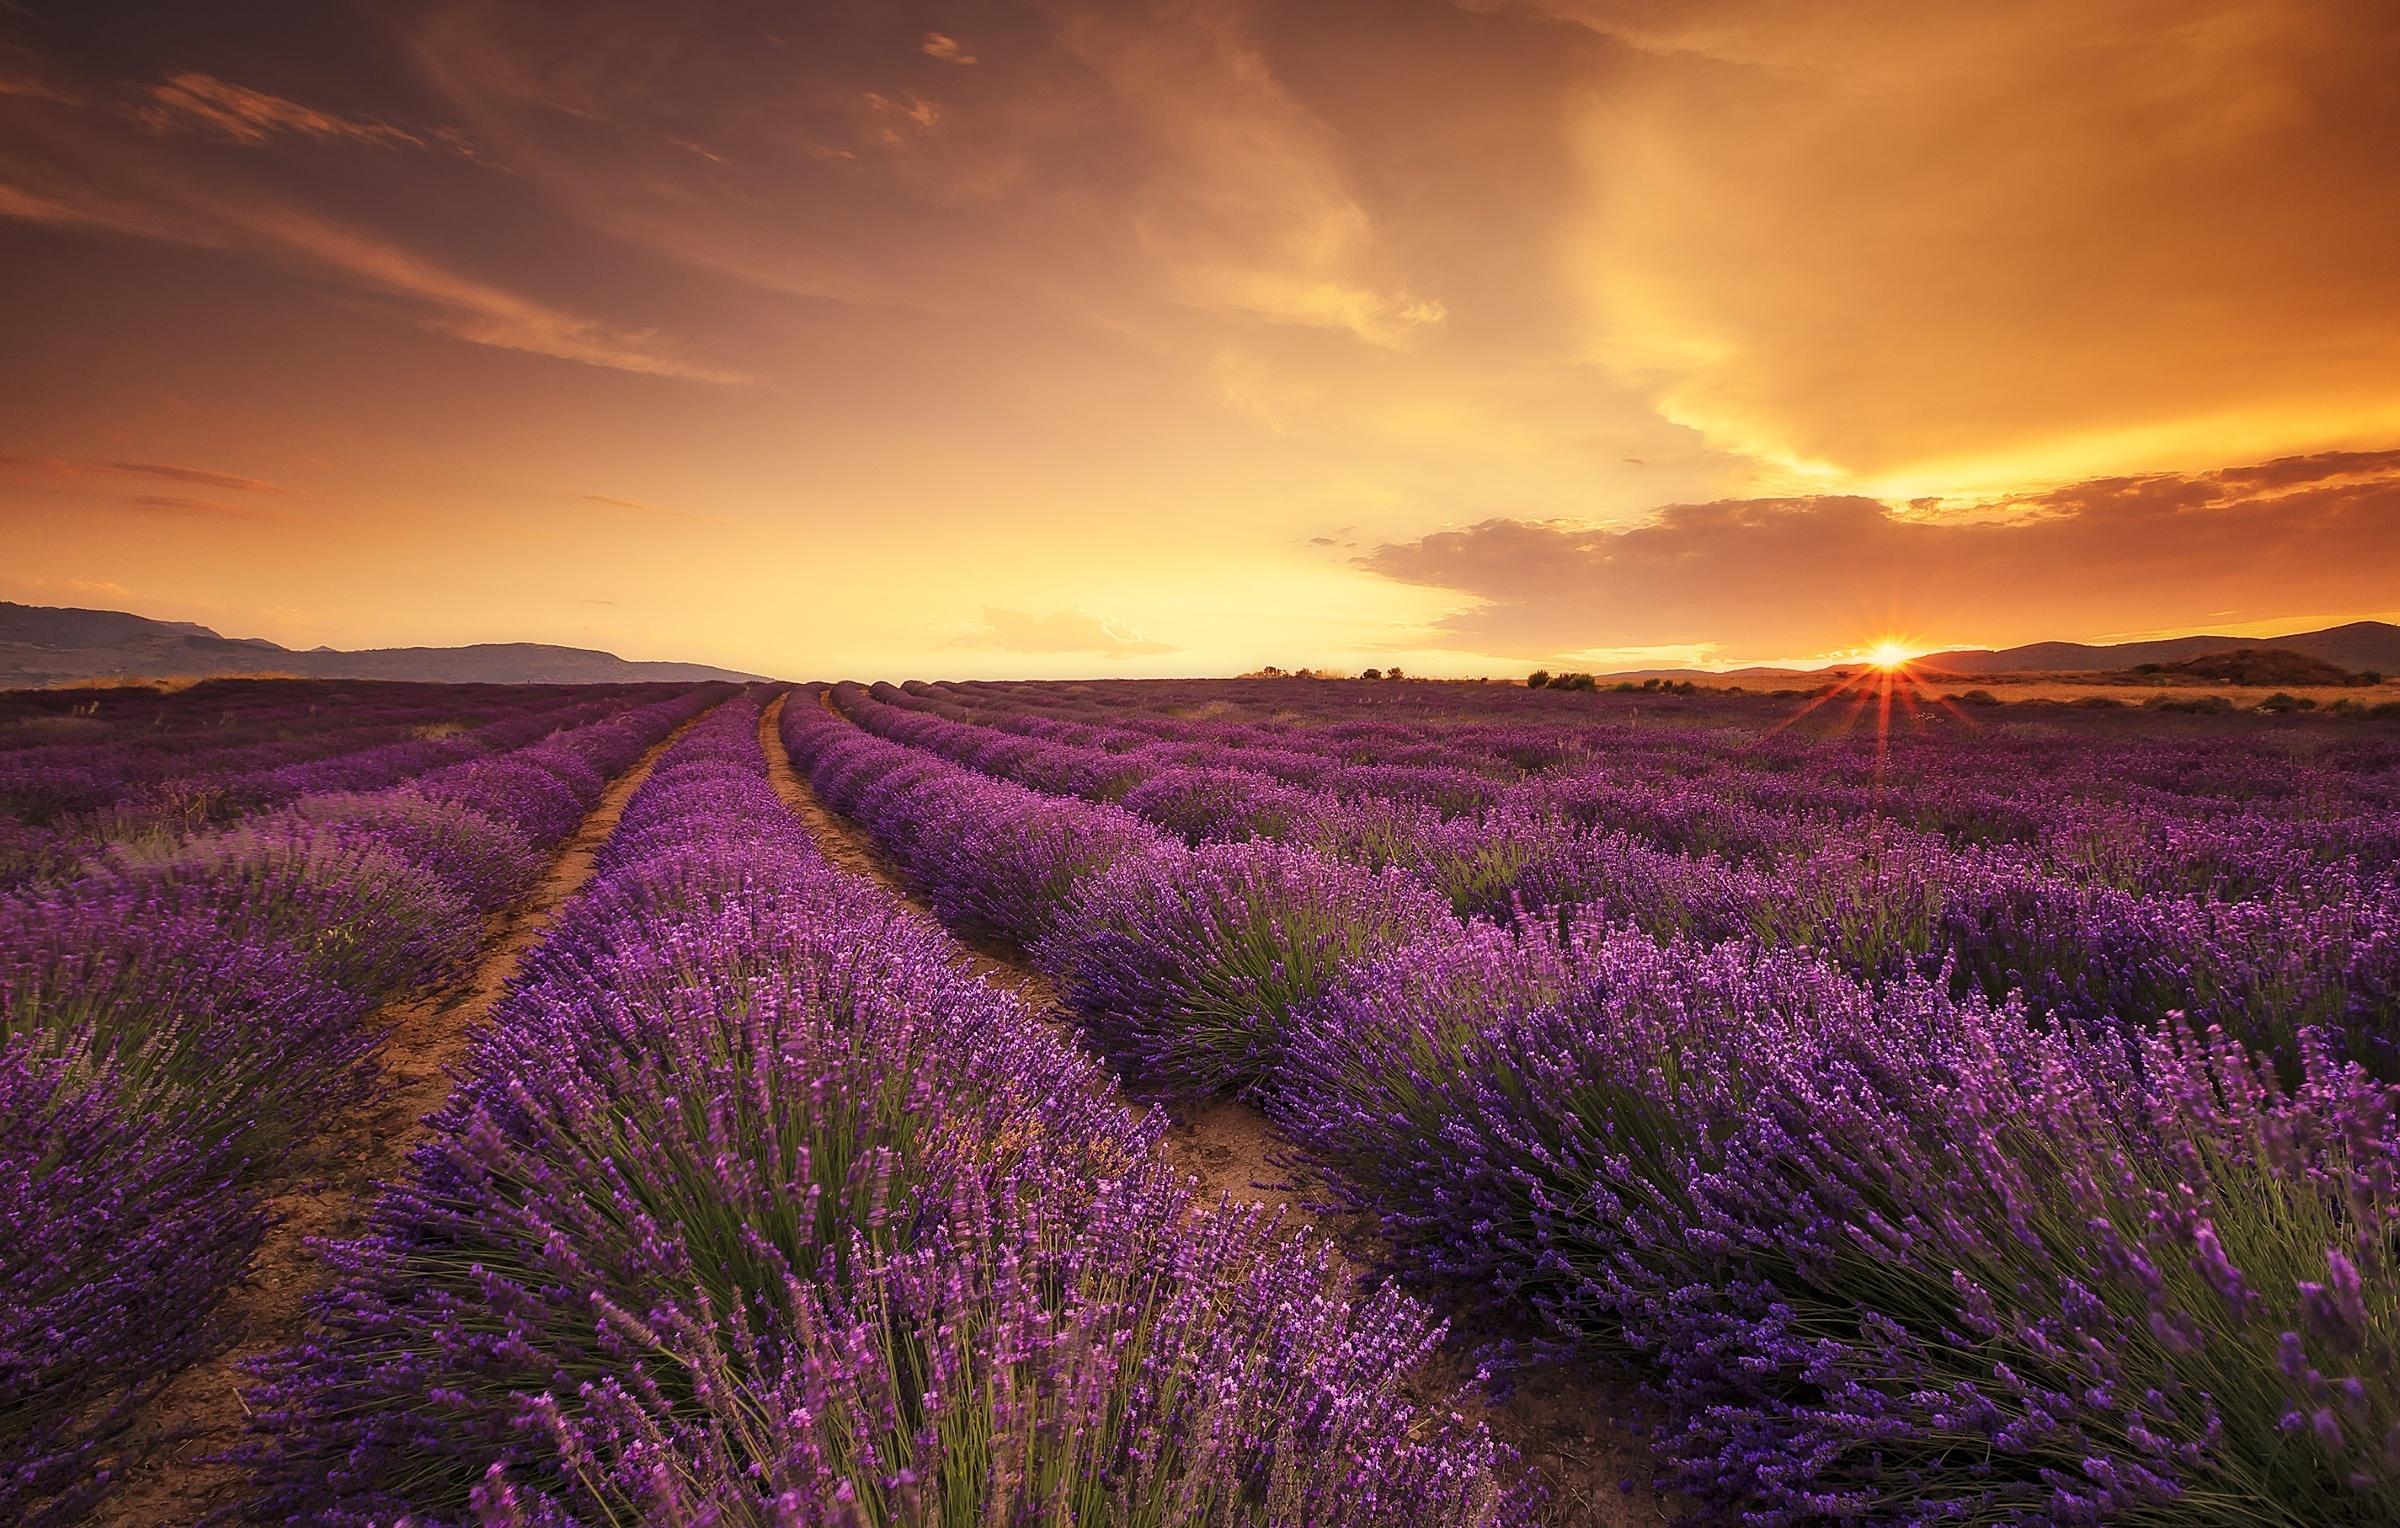 Sunset Wallpapers HD for Desktop Background Wallpaper Cute Sky d